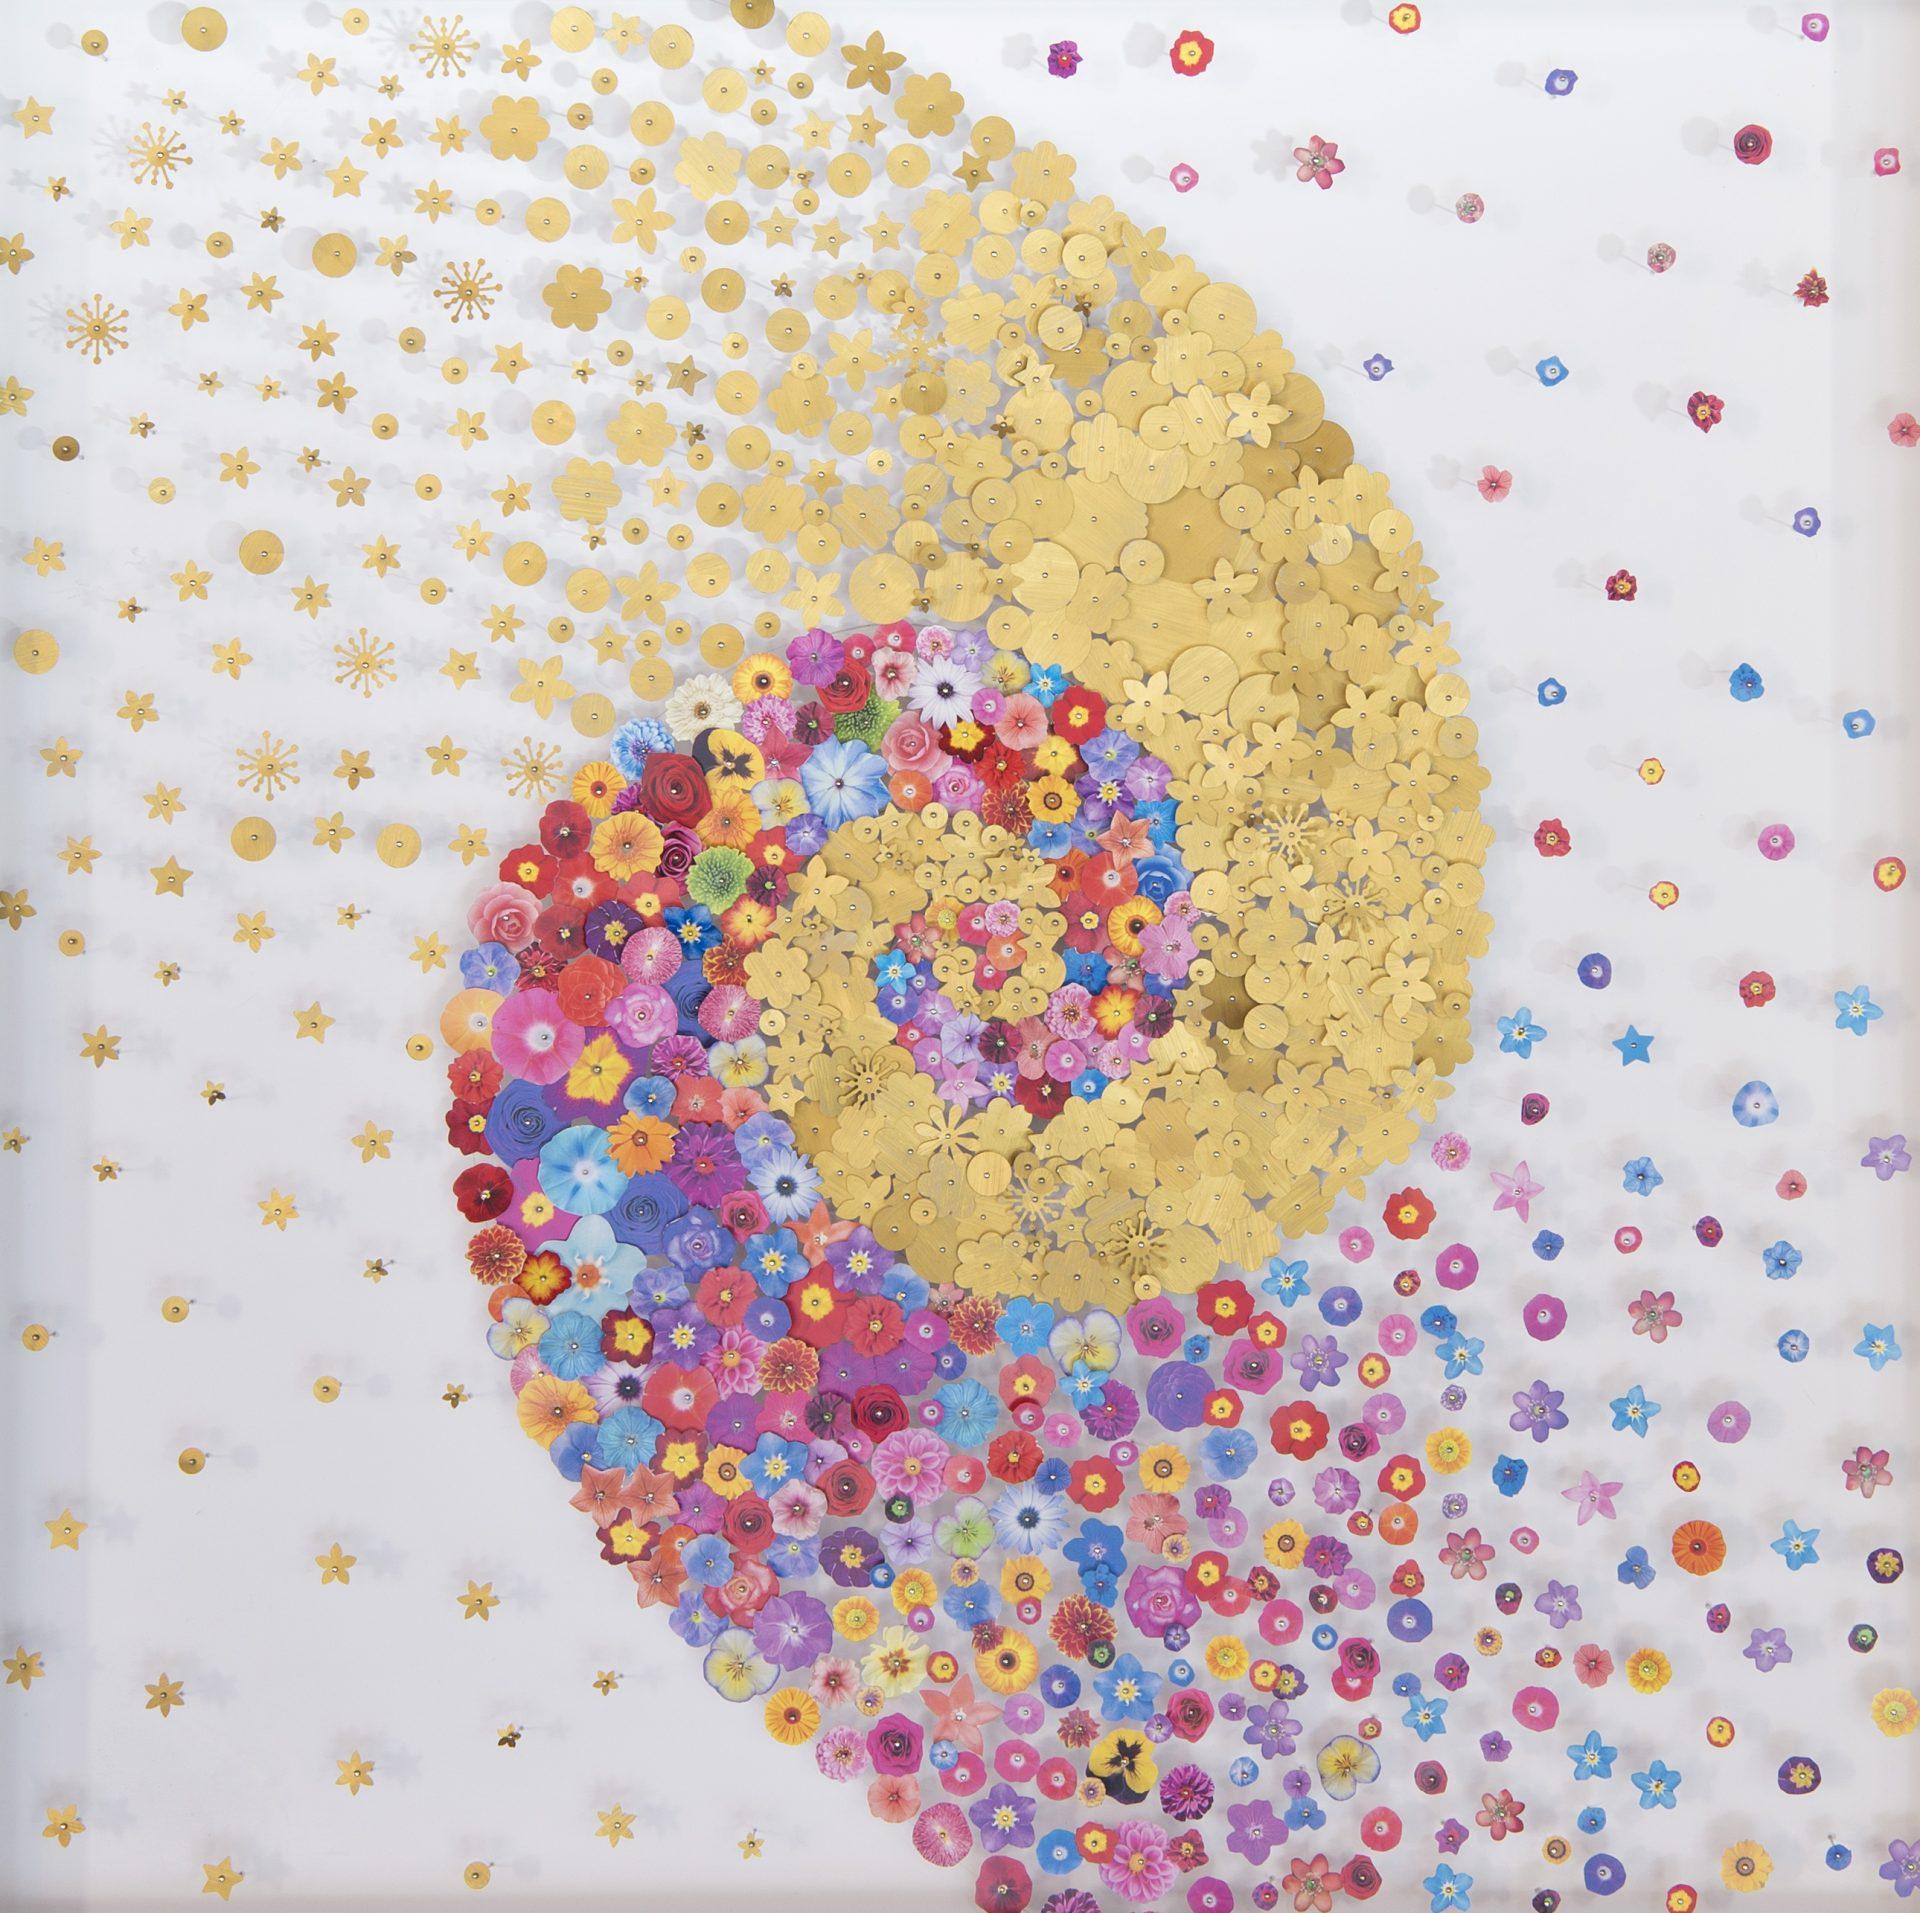 Aggregazioni molecolari e piccole storie della natura<br>MLTT03<br>misure: 70 x 70 cm<br>tecnica: tasselli in pvc stampato e dorato su poliplat<br>anno: 2017<br>